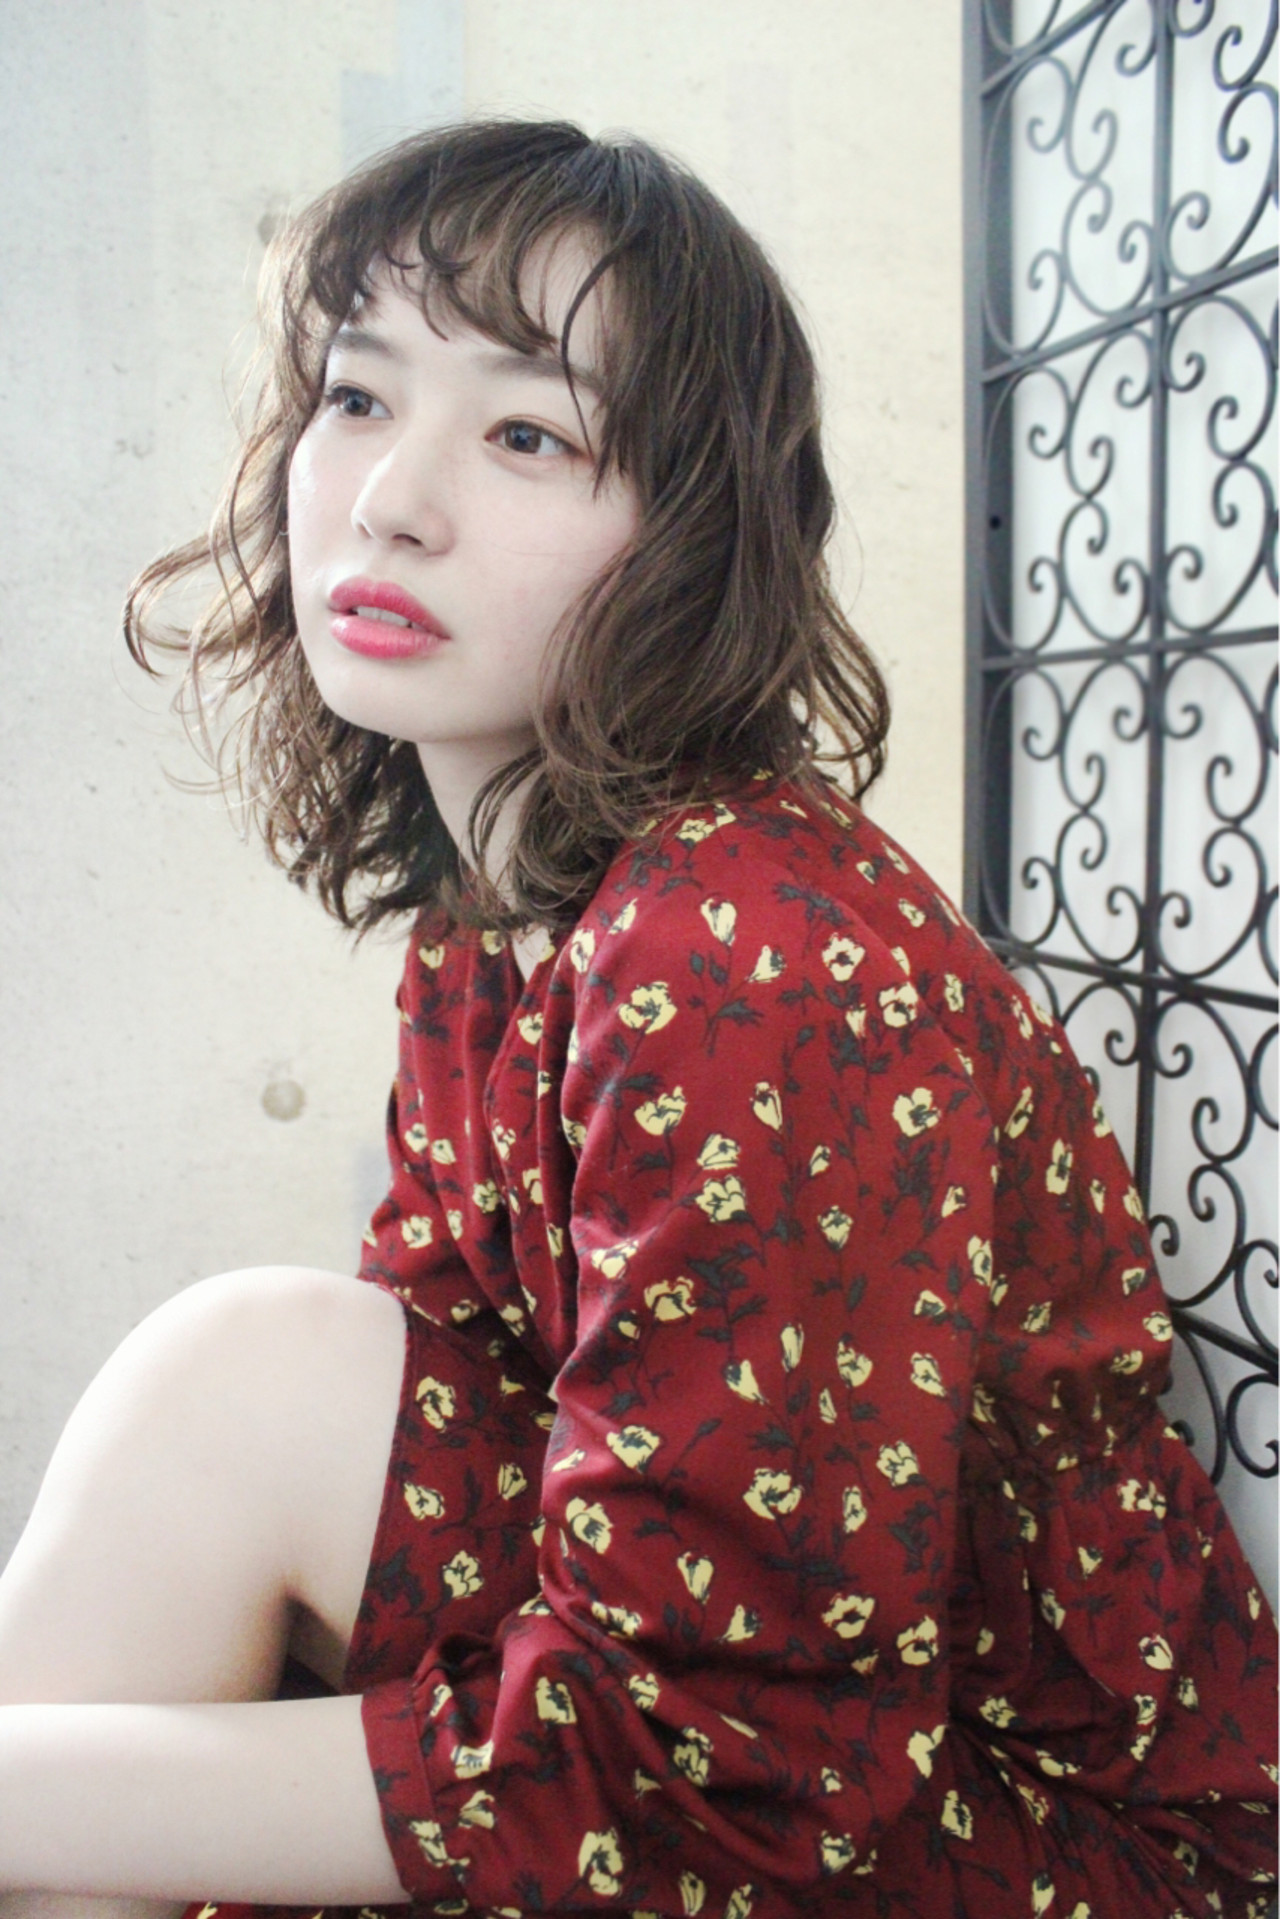 冬 外国人風 パーマ ミディアム ヘアスタイルや髪型の写真・画像 | 上田智久 / ooit 福岡 天神 / ooit